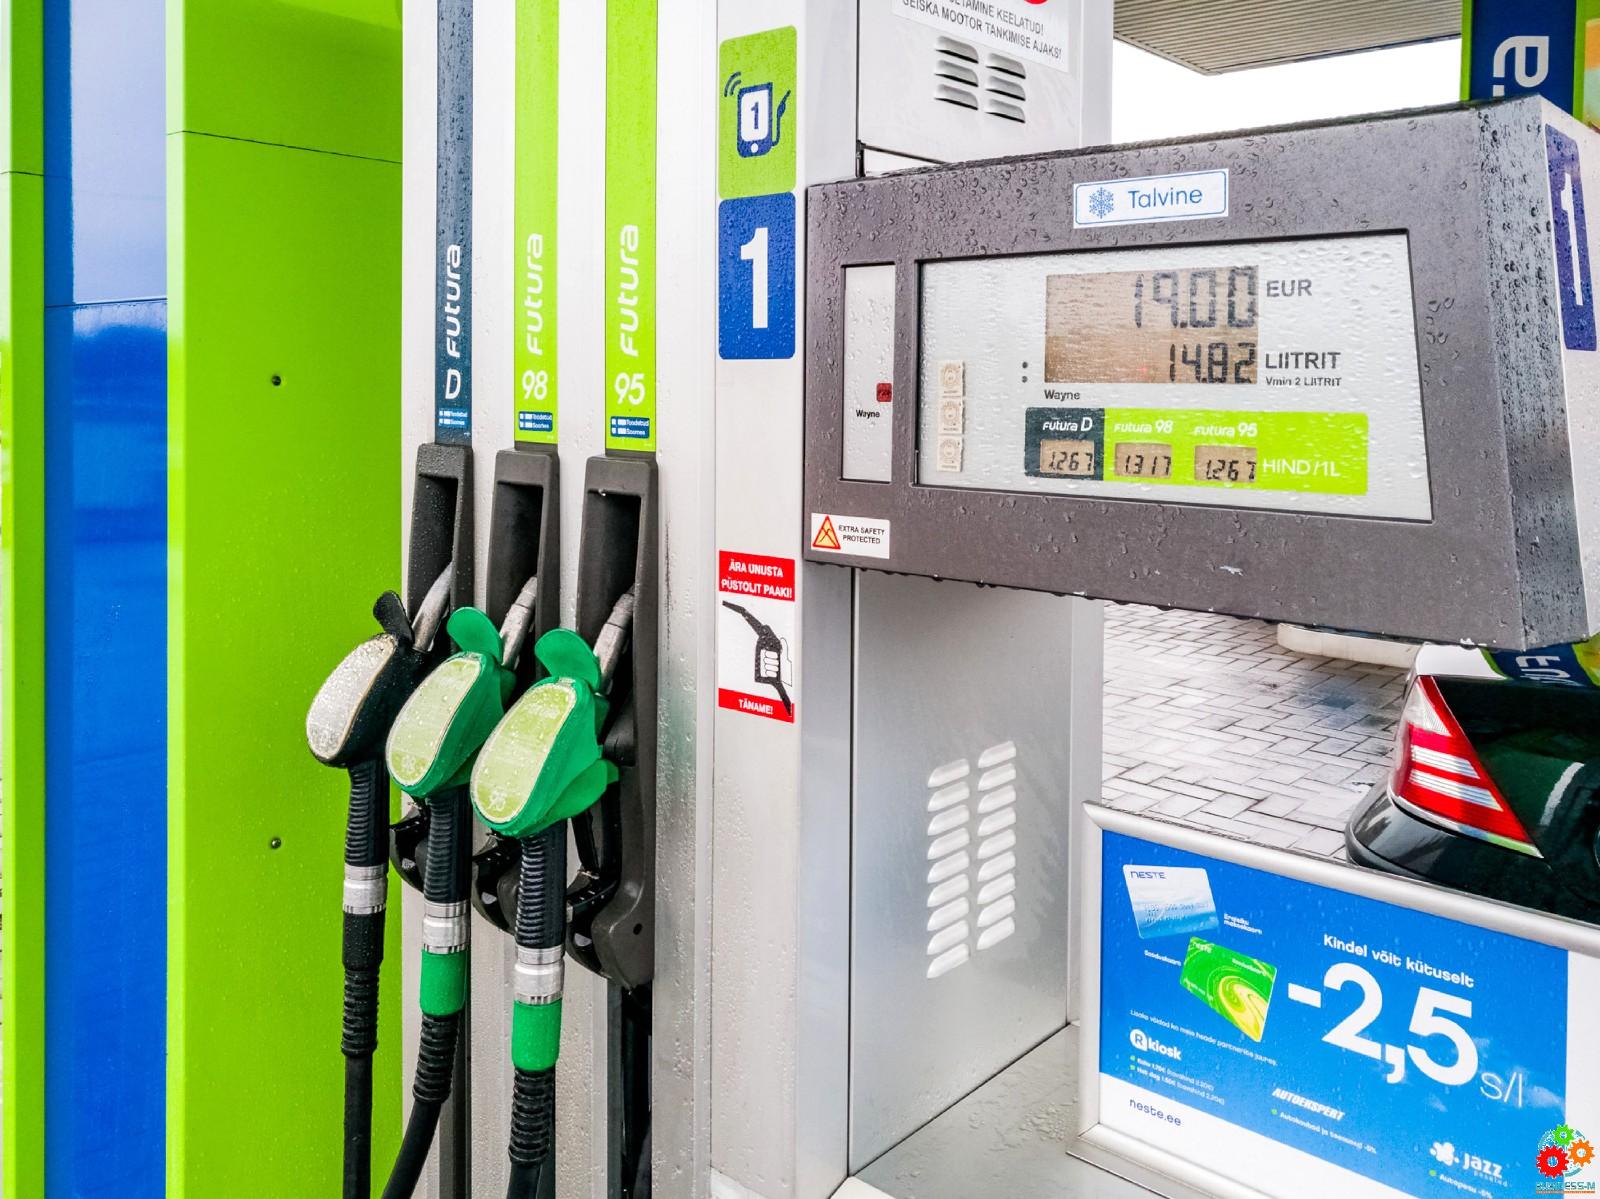 Neste начинает поставки зимнего дизельного топлива